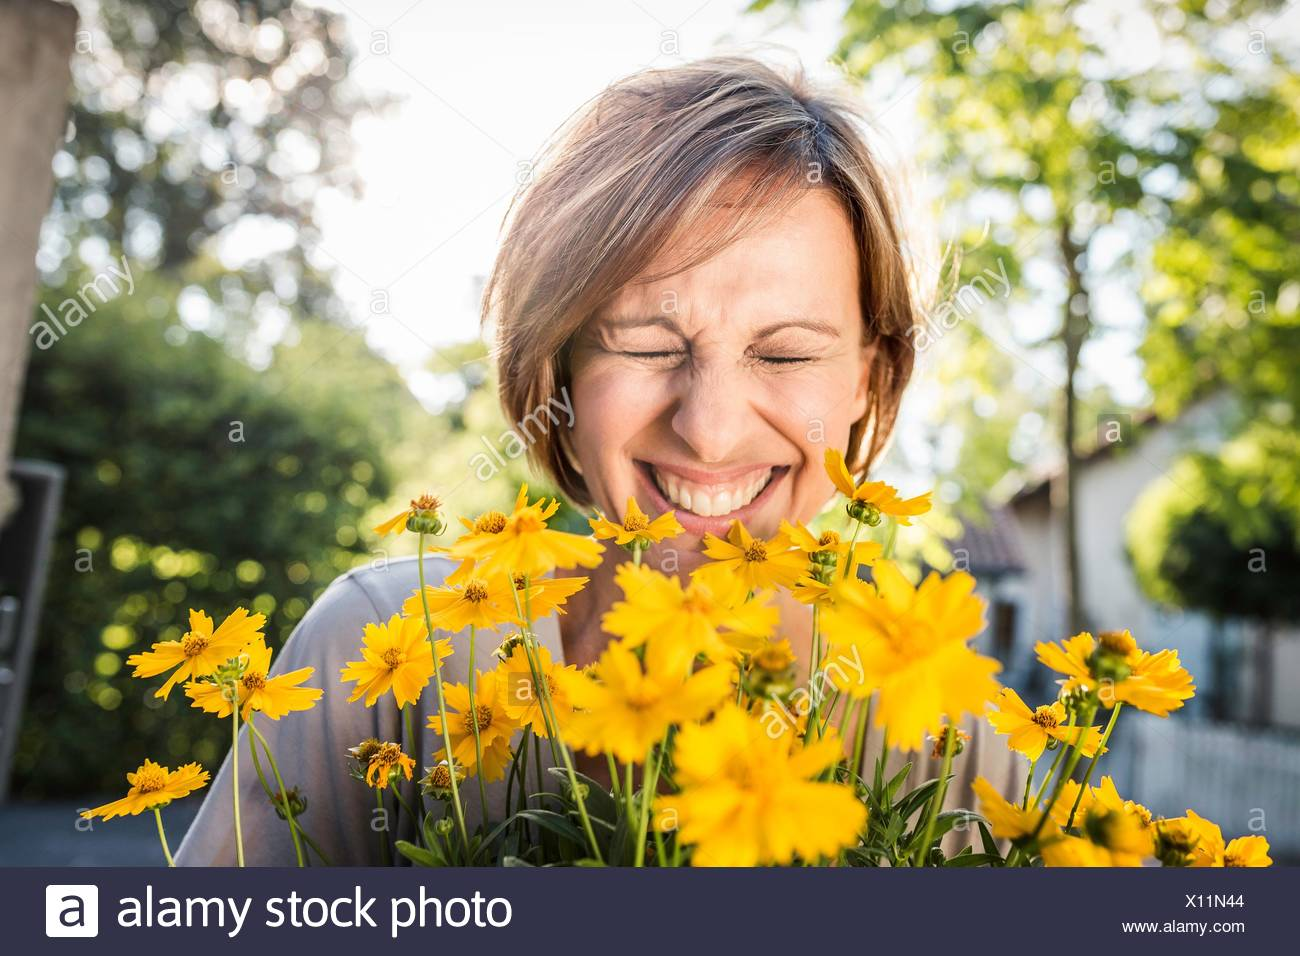 Porträt von Reife Frau mit gelben Blüten Stockbild